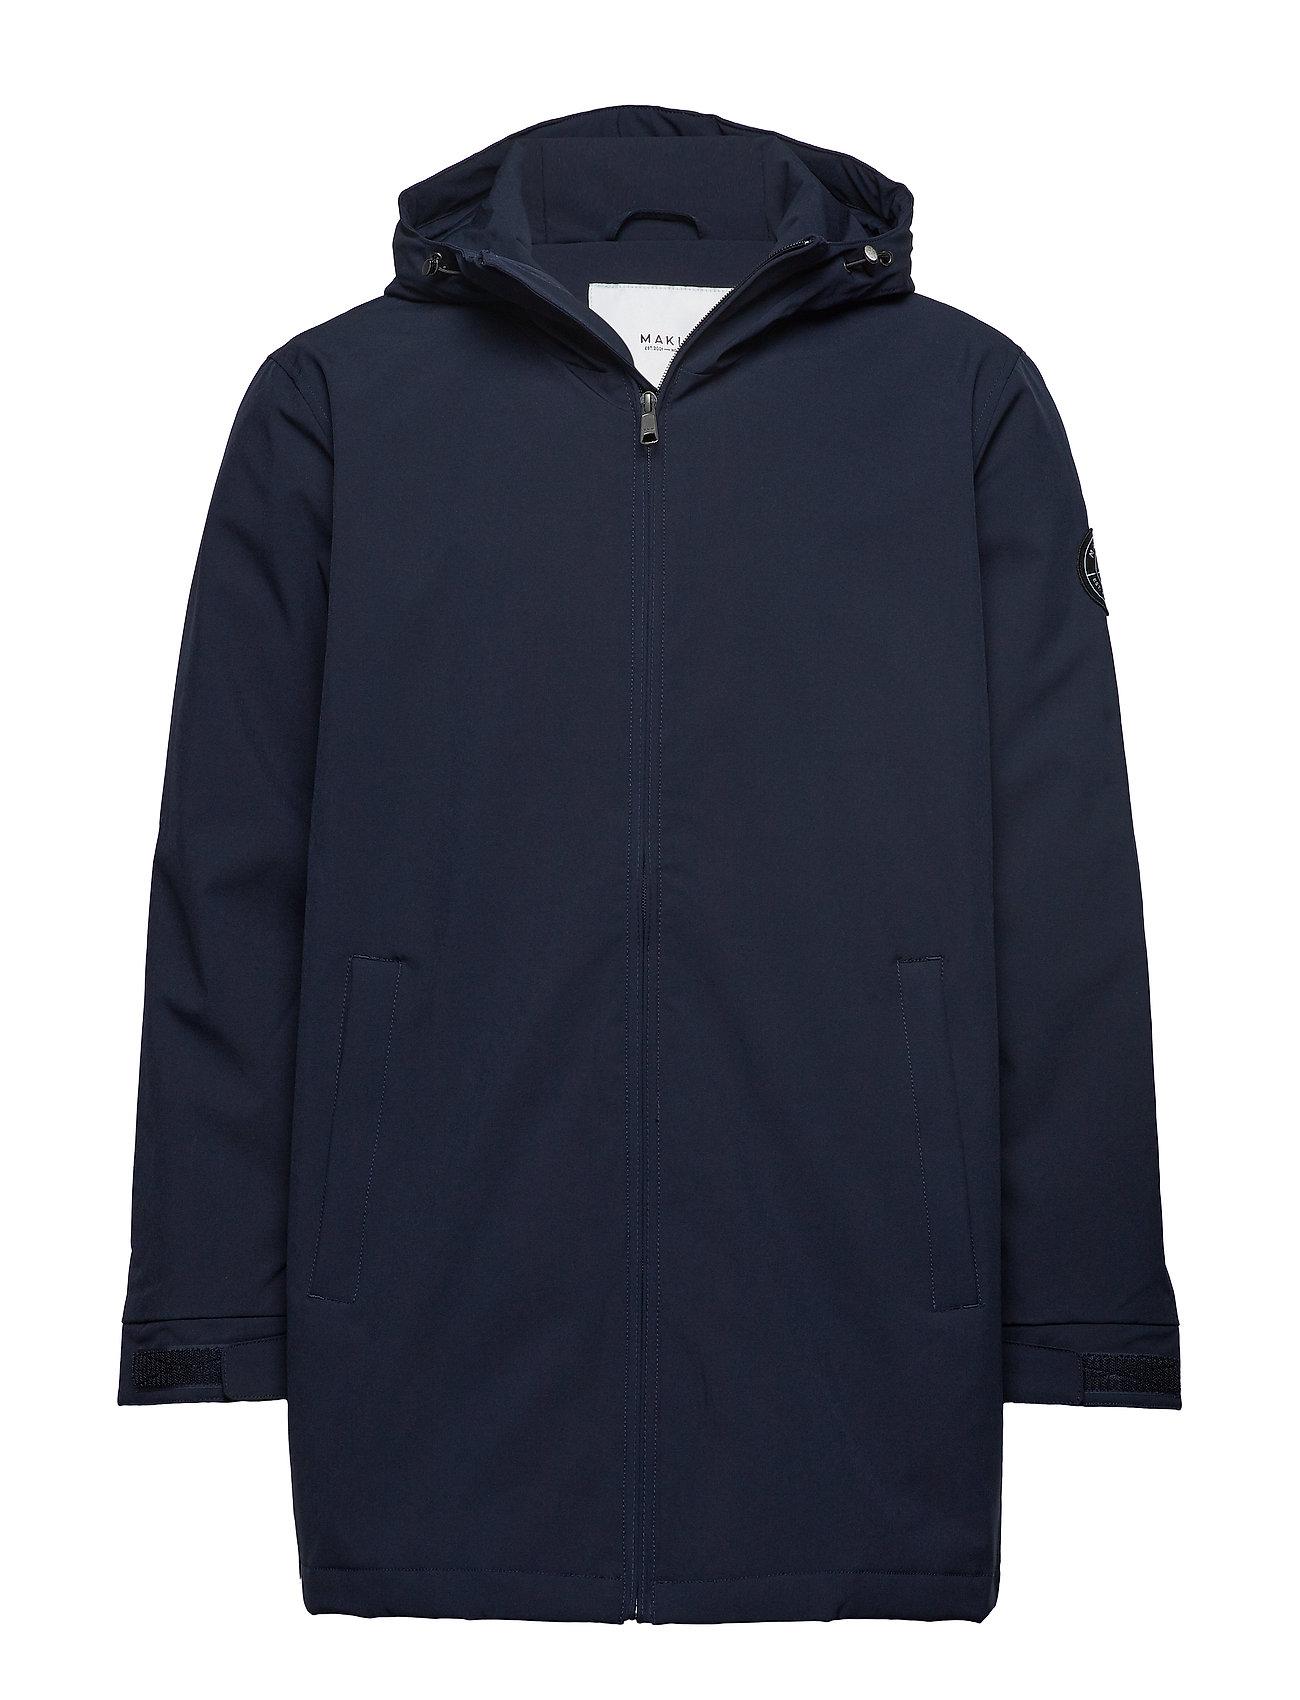 Makia Aurora Jacket - DARK BLUE